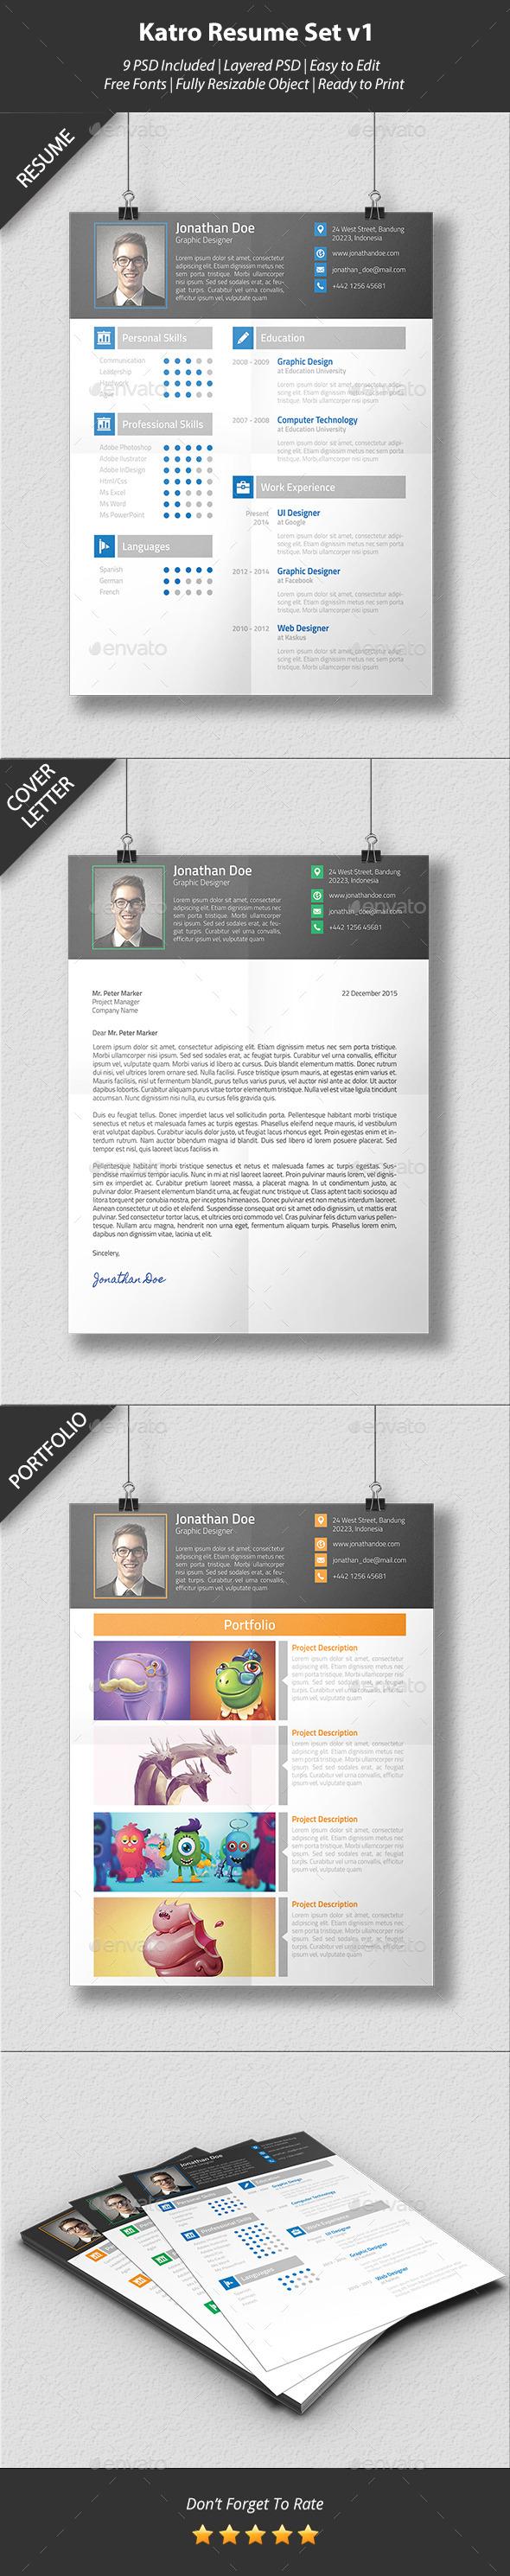 Katro Resume Set v1 - Resumes Stationery